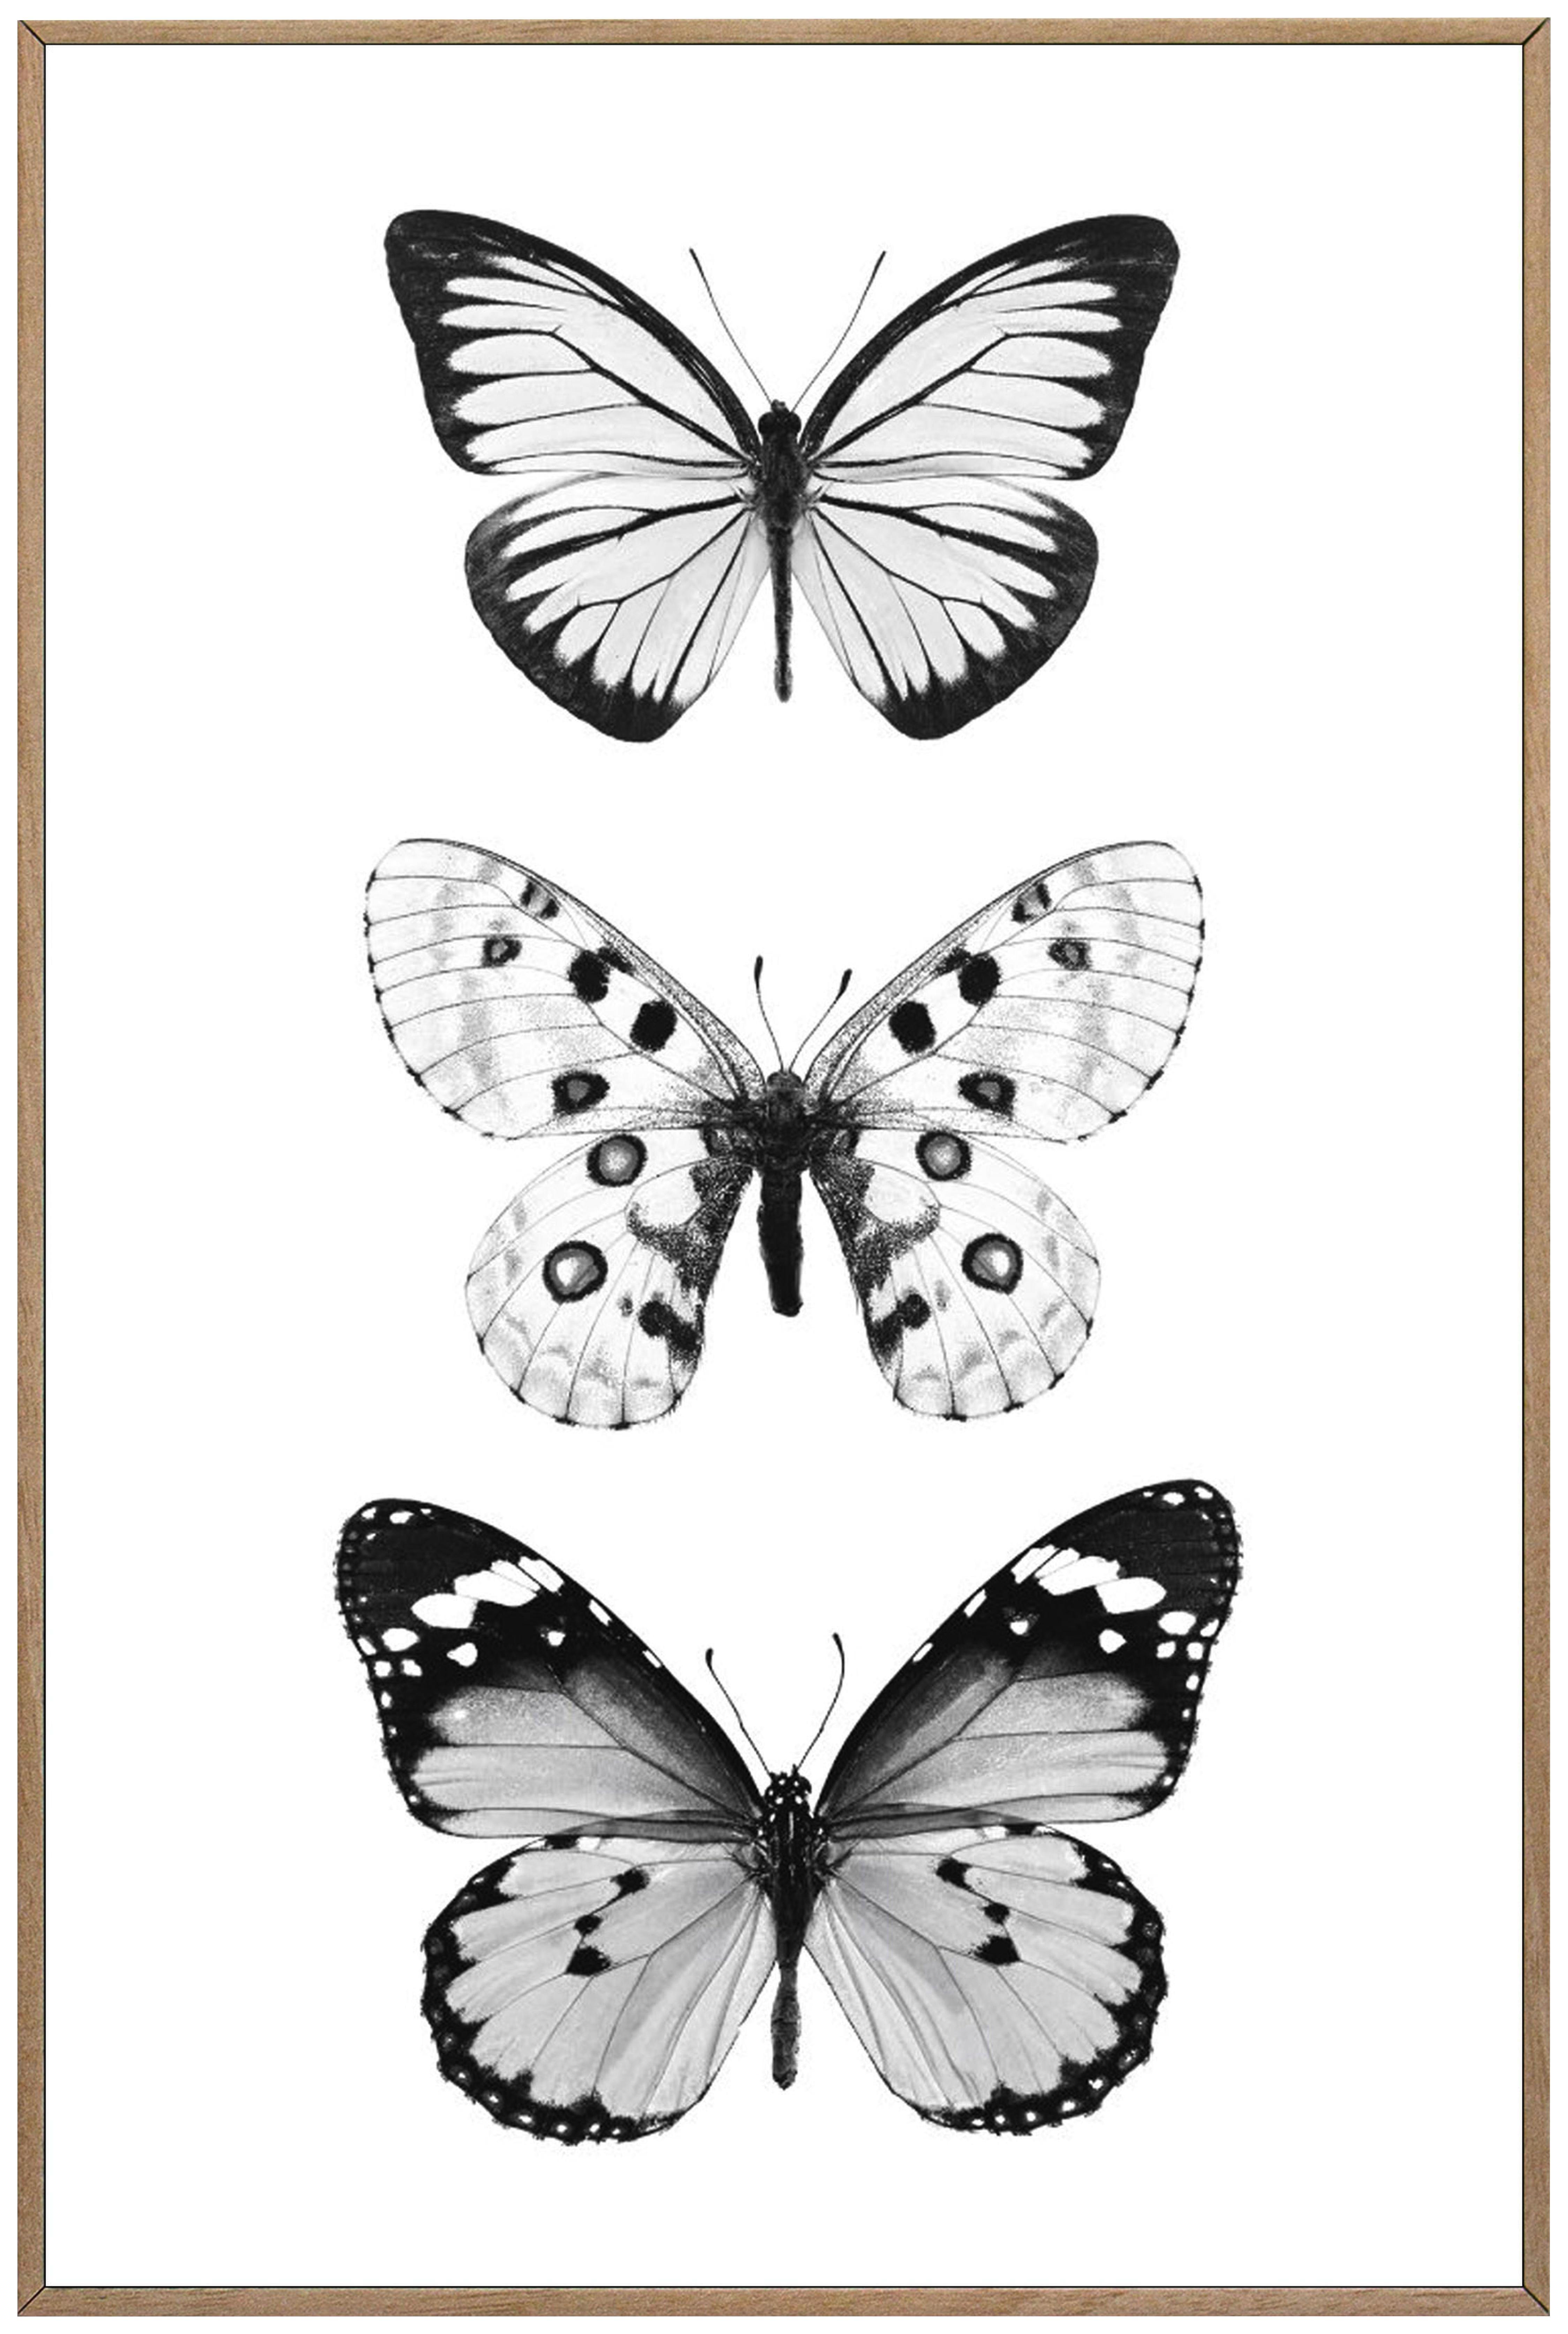 Bild Von Schmetterlingen In Schwarz Weiß Schmetterlingszeichnung Tumblr Bilder Schwarz Weiß Blumen Schwarz Weiss